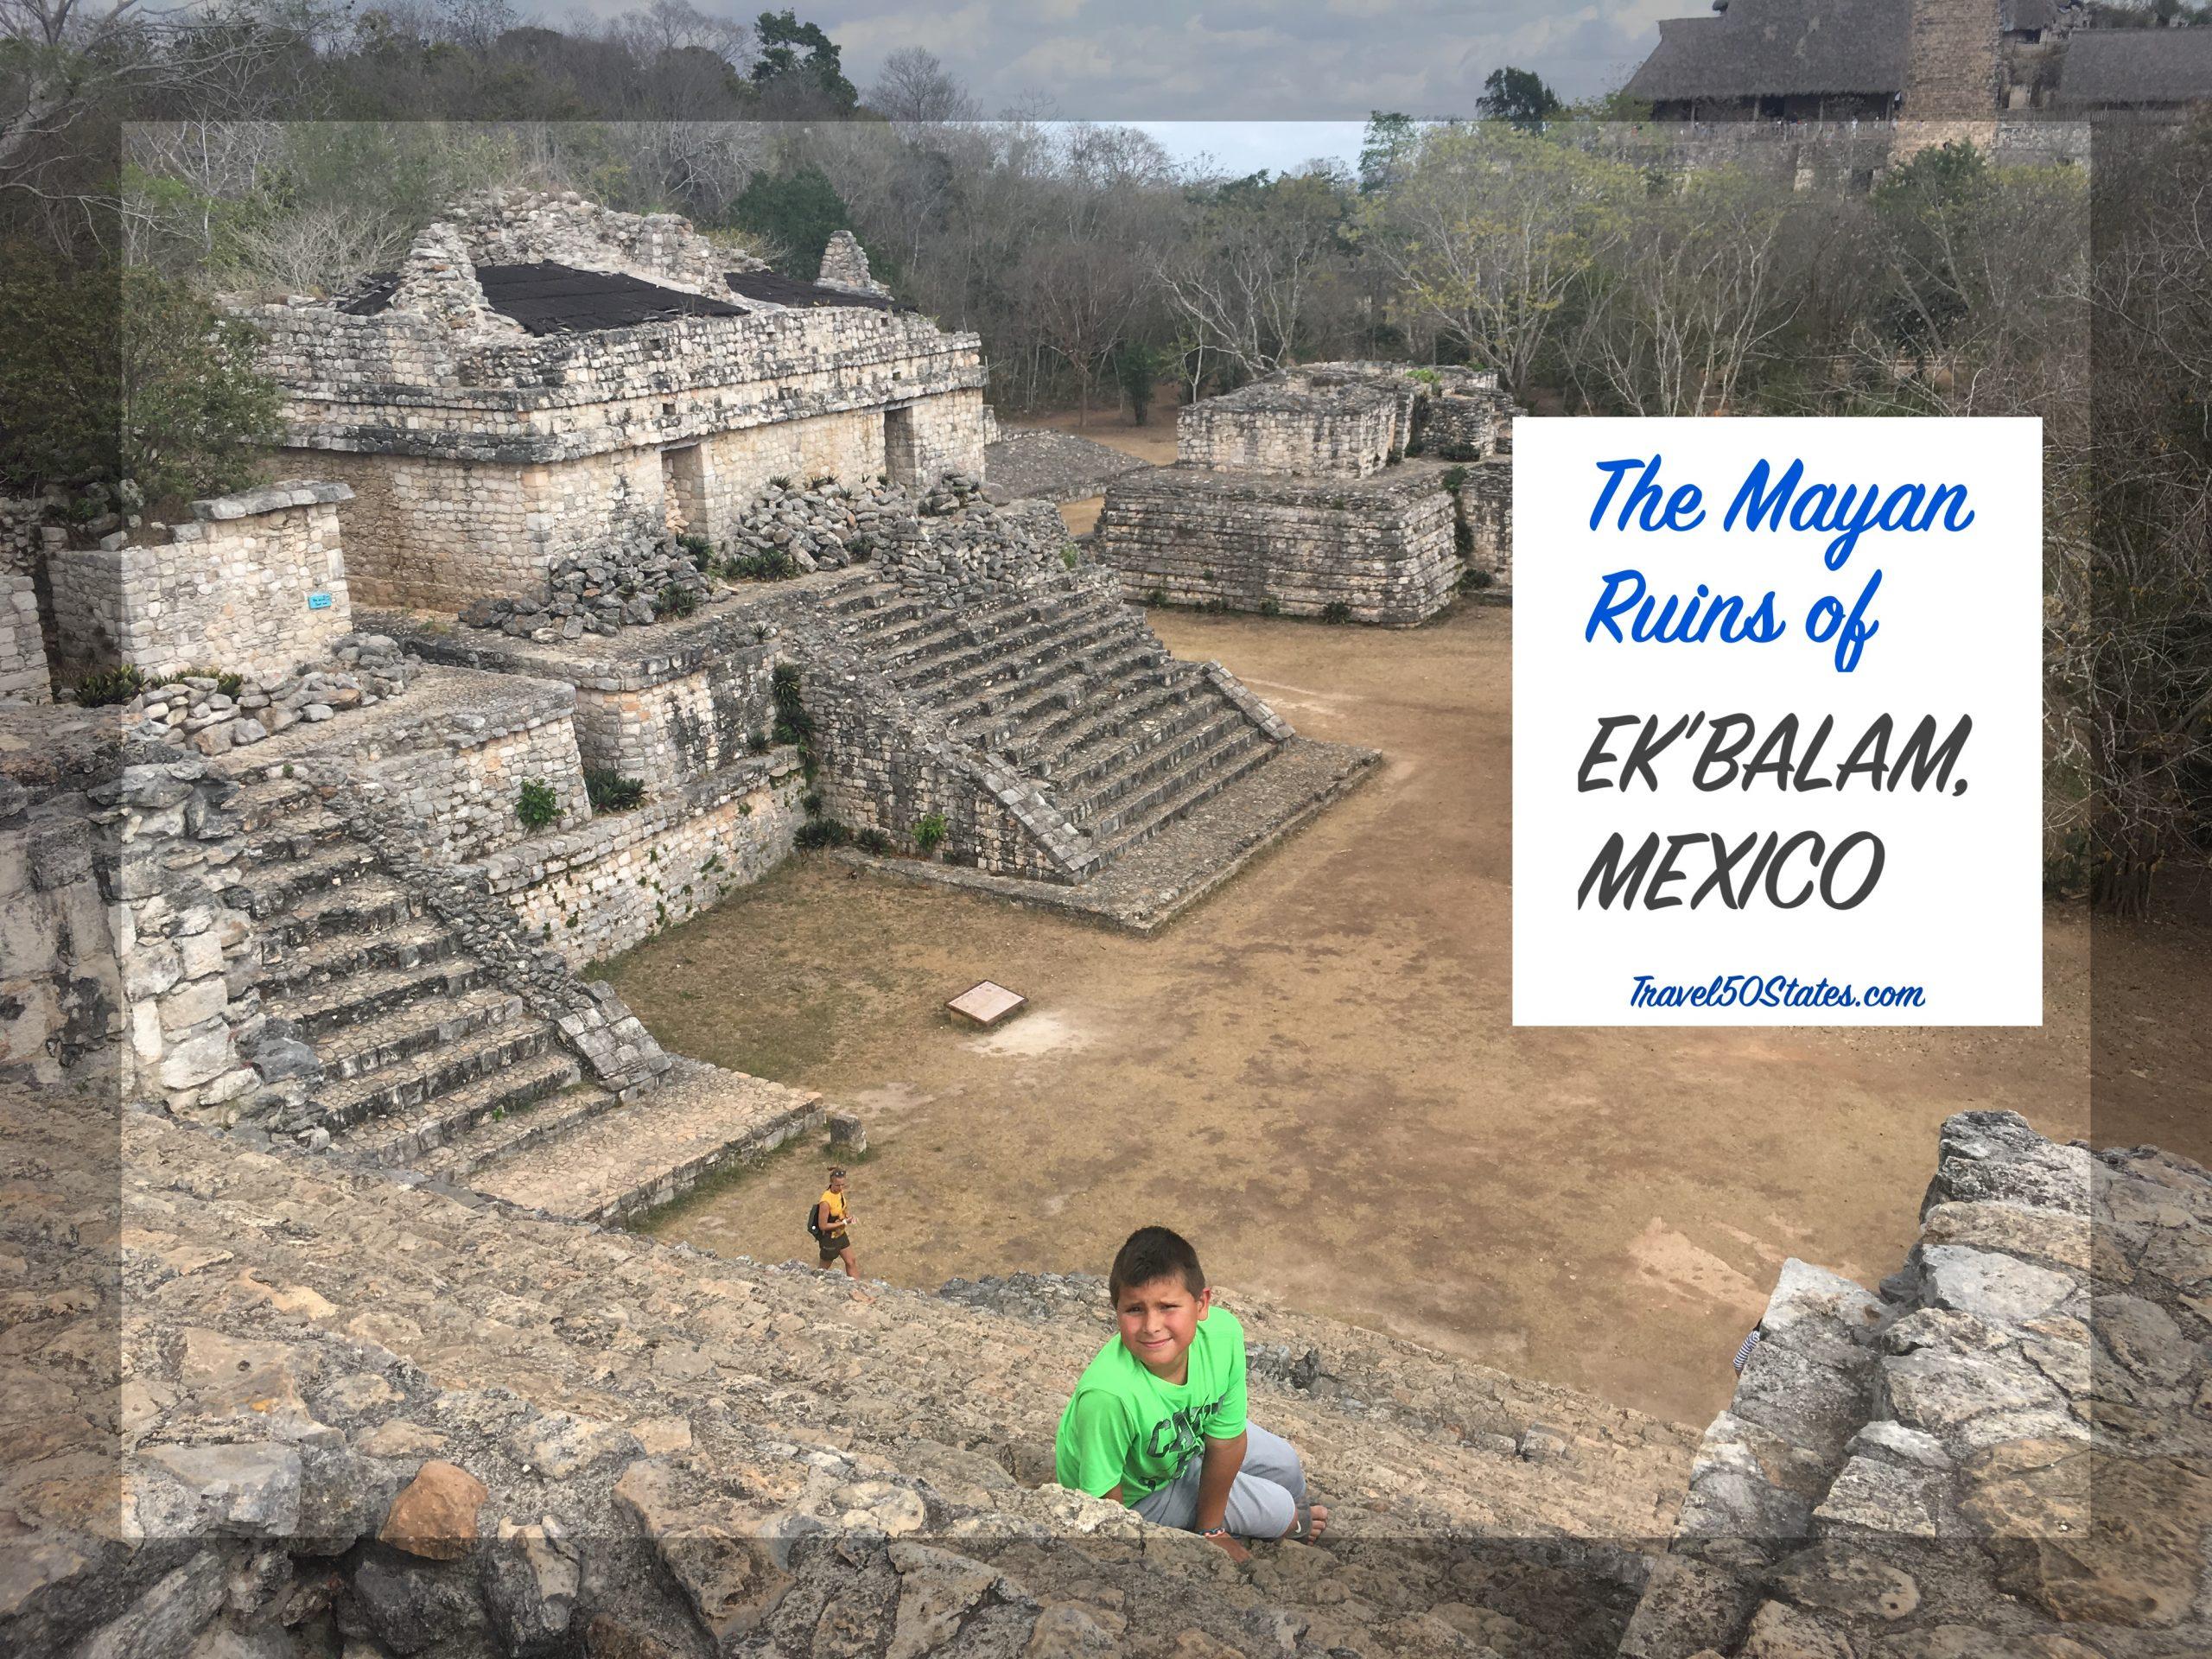 The Mayan Ruins of Ek'Balam, Mexico